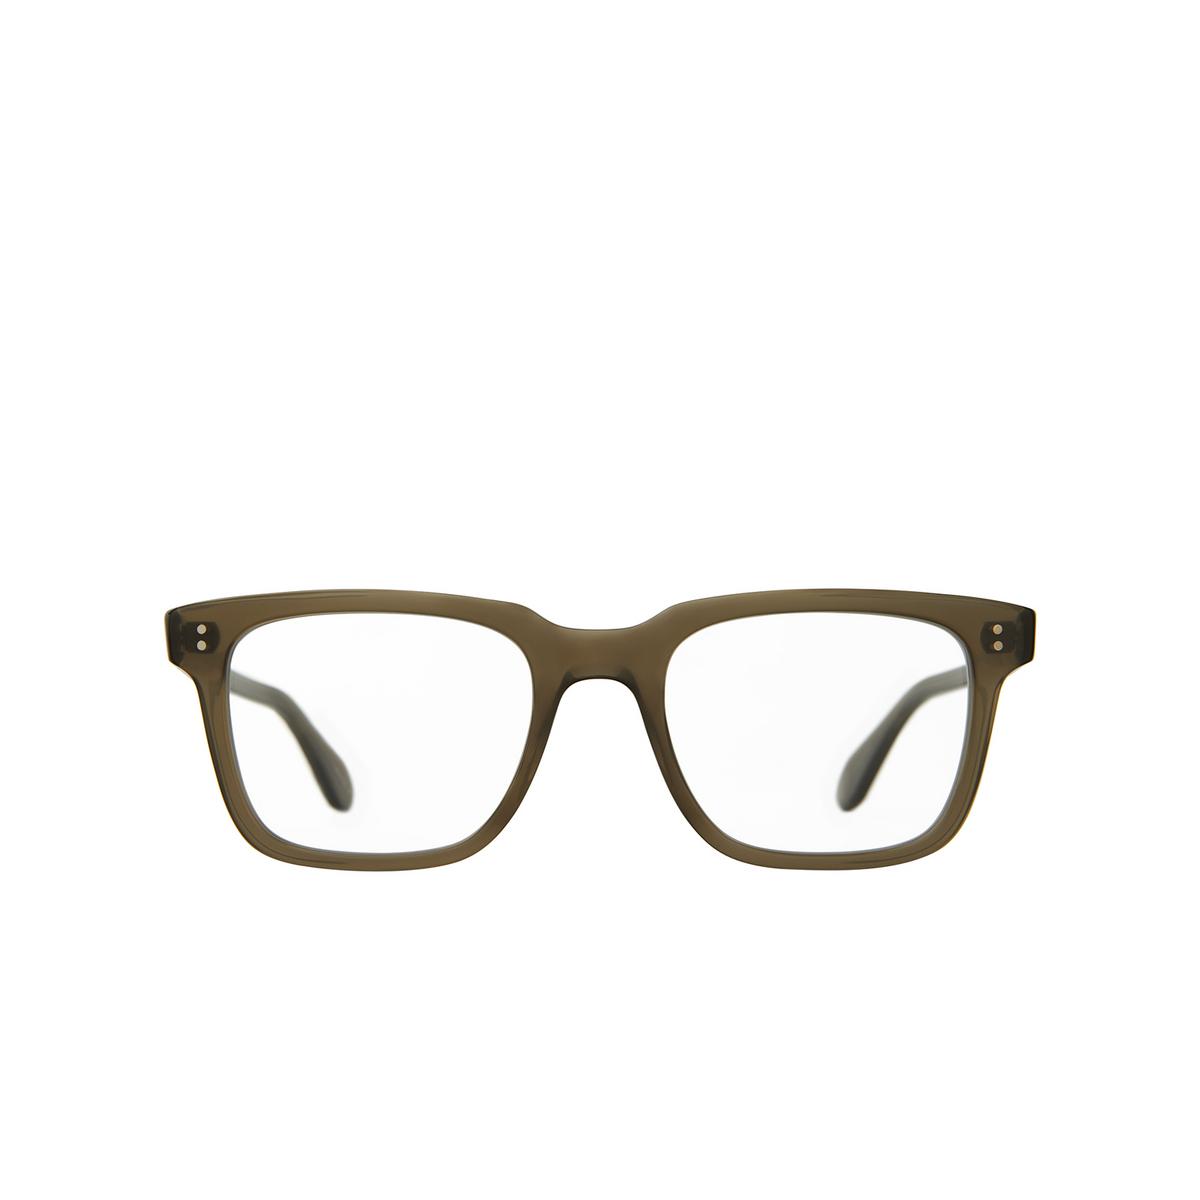 Garrett Leight® Square Eyeglasses: Palladium color Olio - front view.